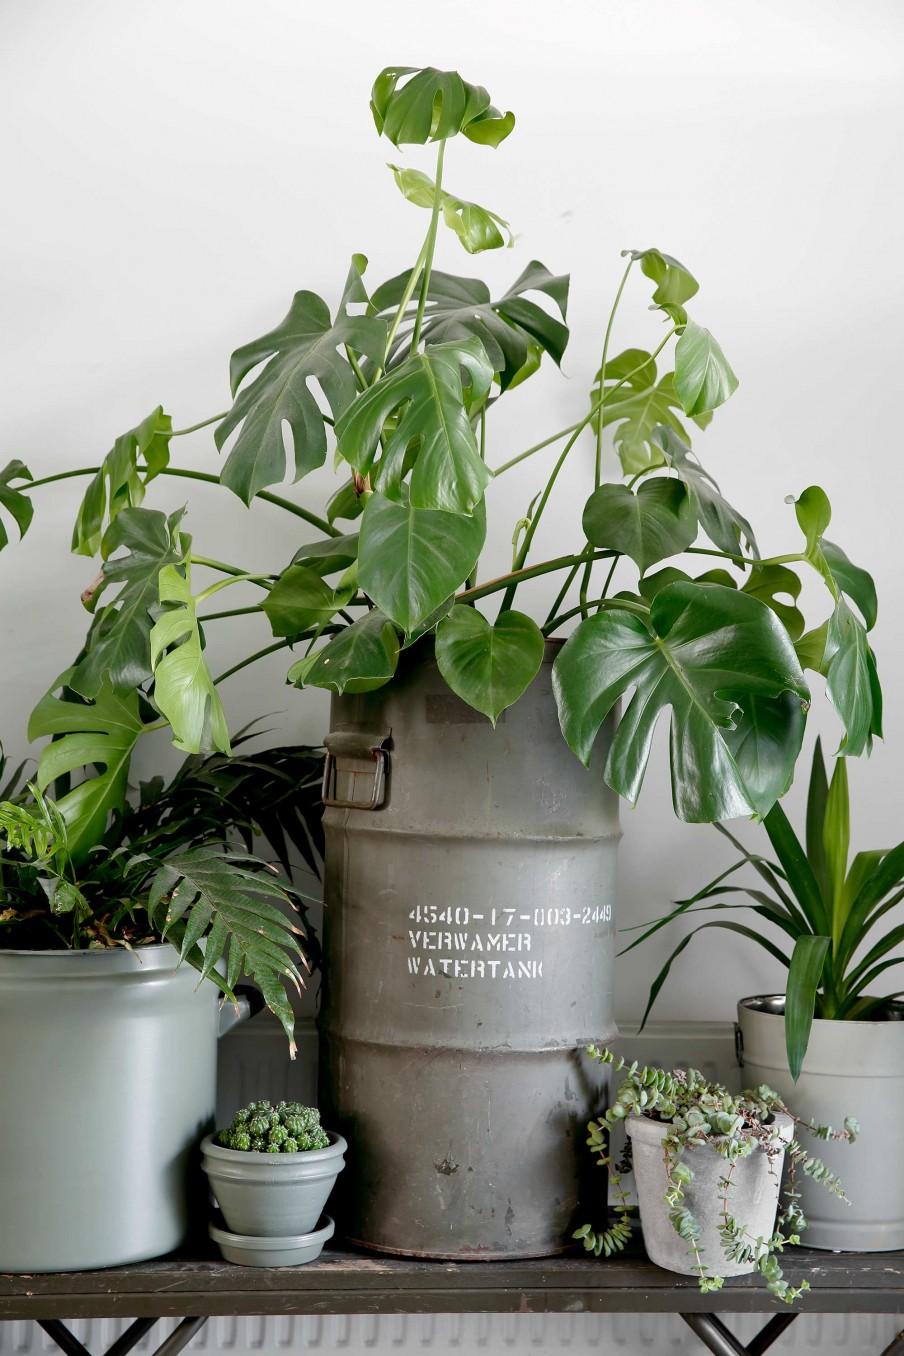 plantas, cactus, maceta, pintar maceta, estilo industrial, estilo nórdico, costilla de adán,